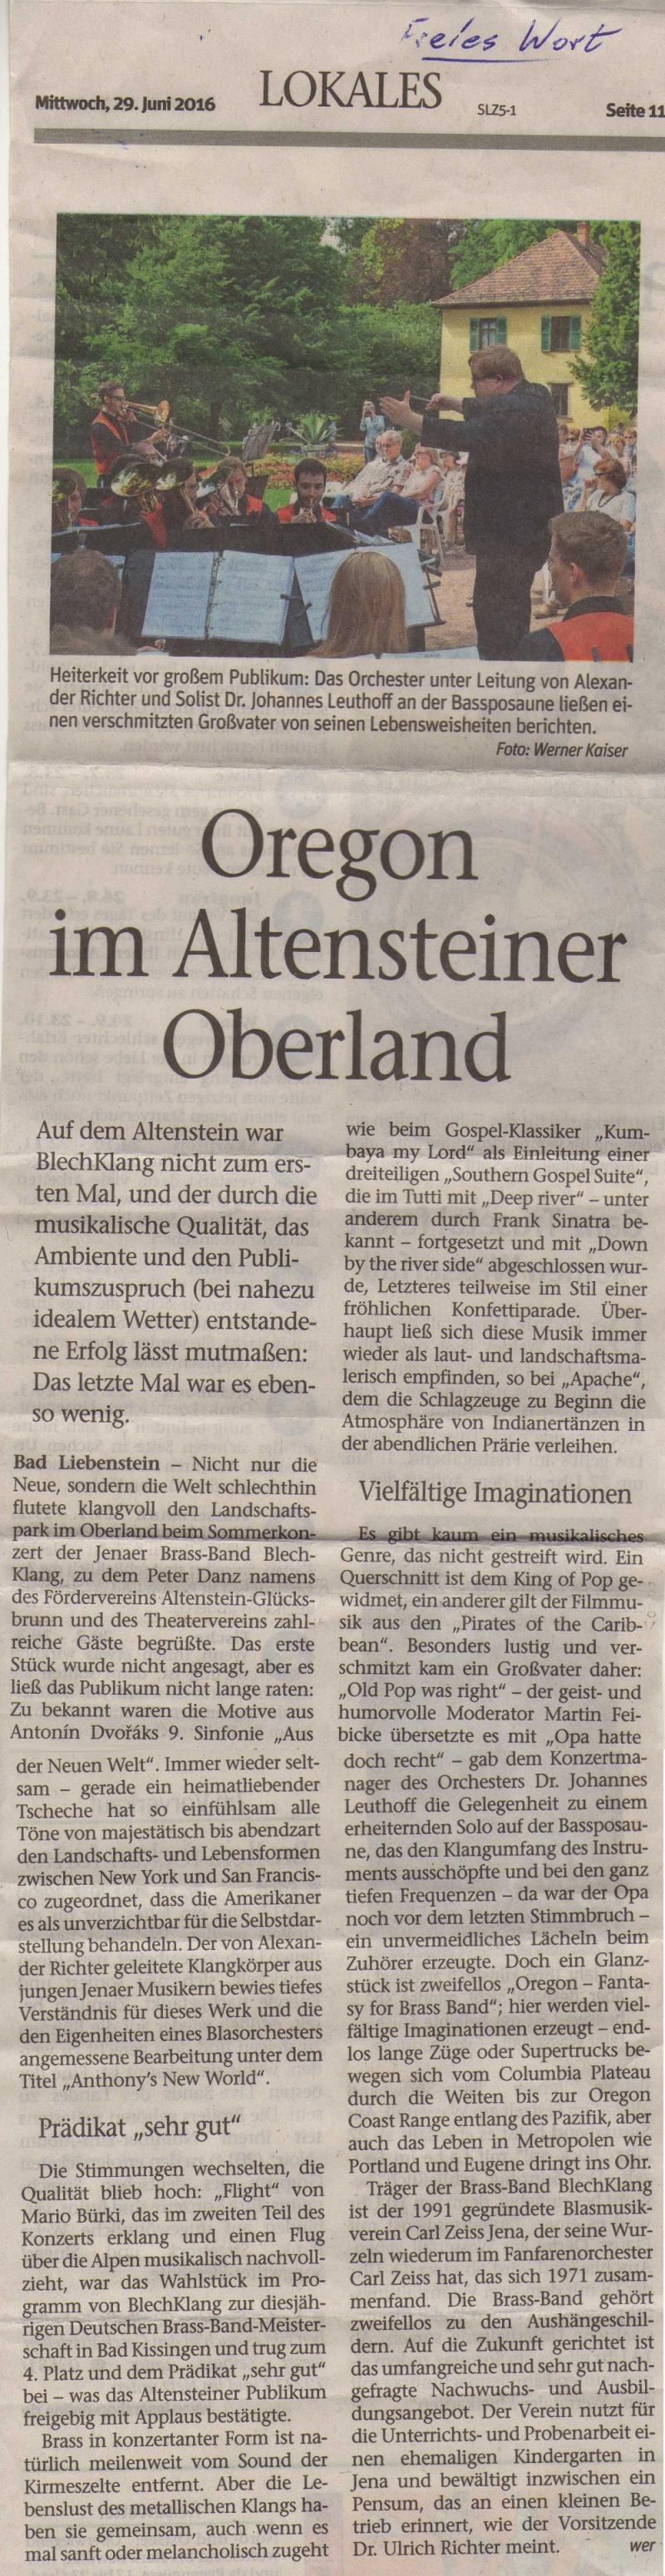 Artikel aus dem Freien Wort vom 29. Juni 2016 zu unserem Sommerkonzert auf Schloss Altenstein